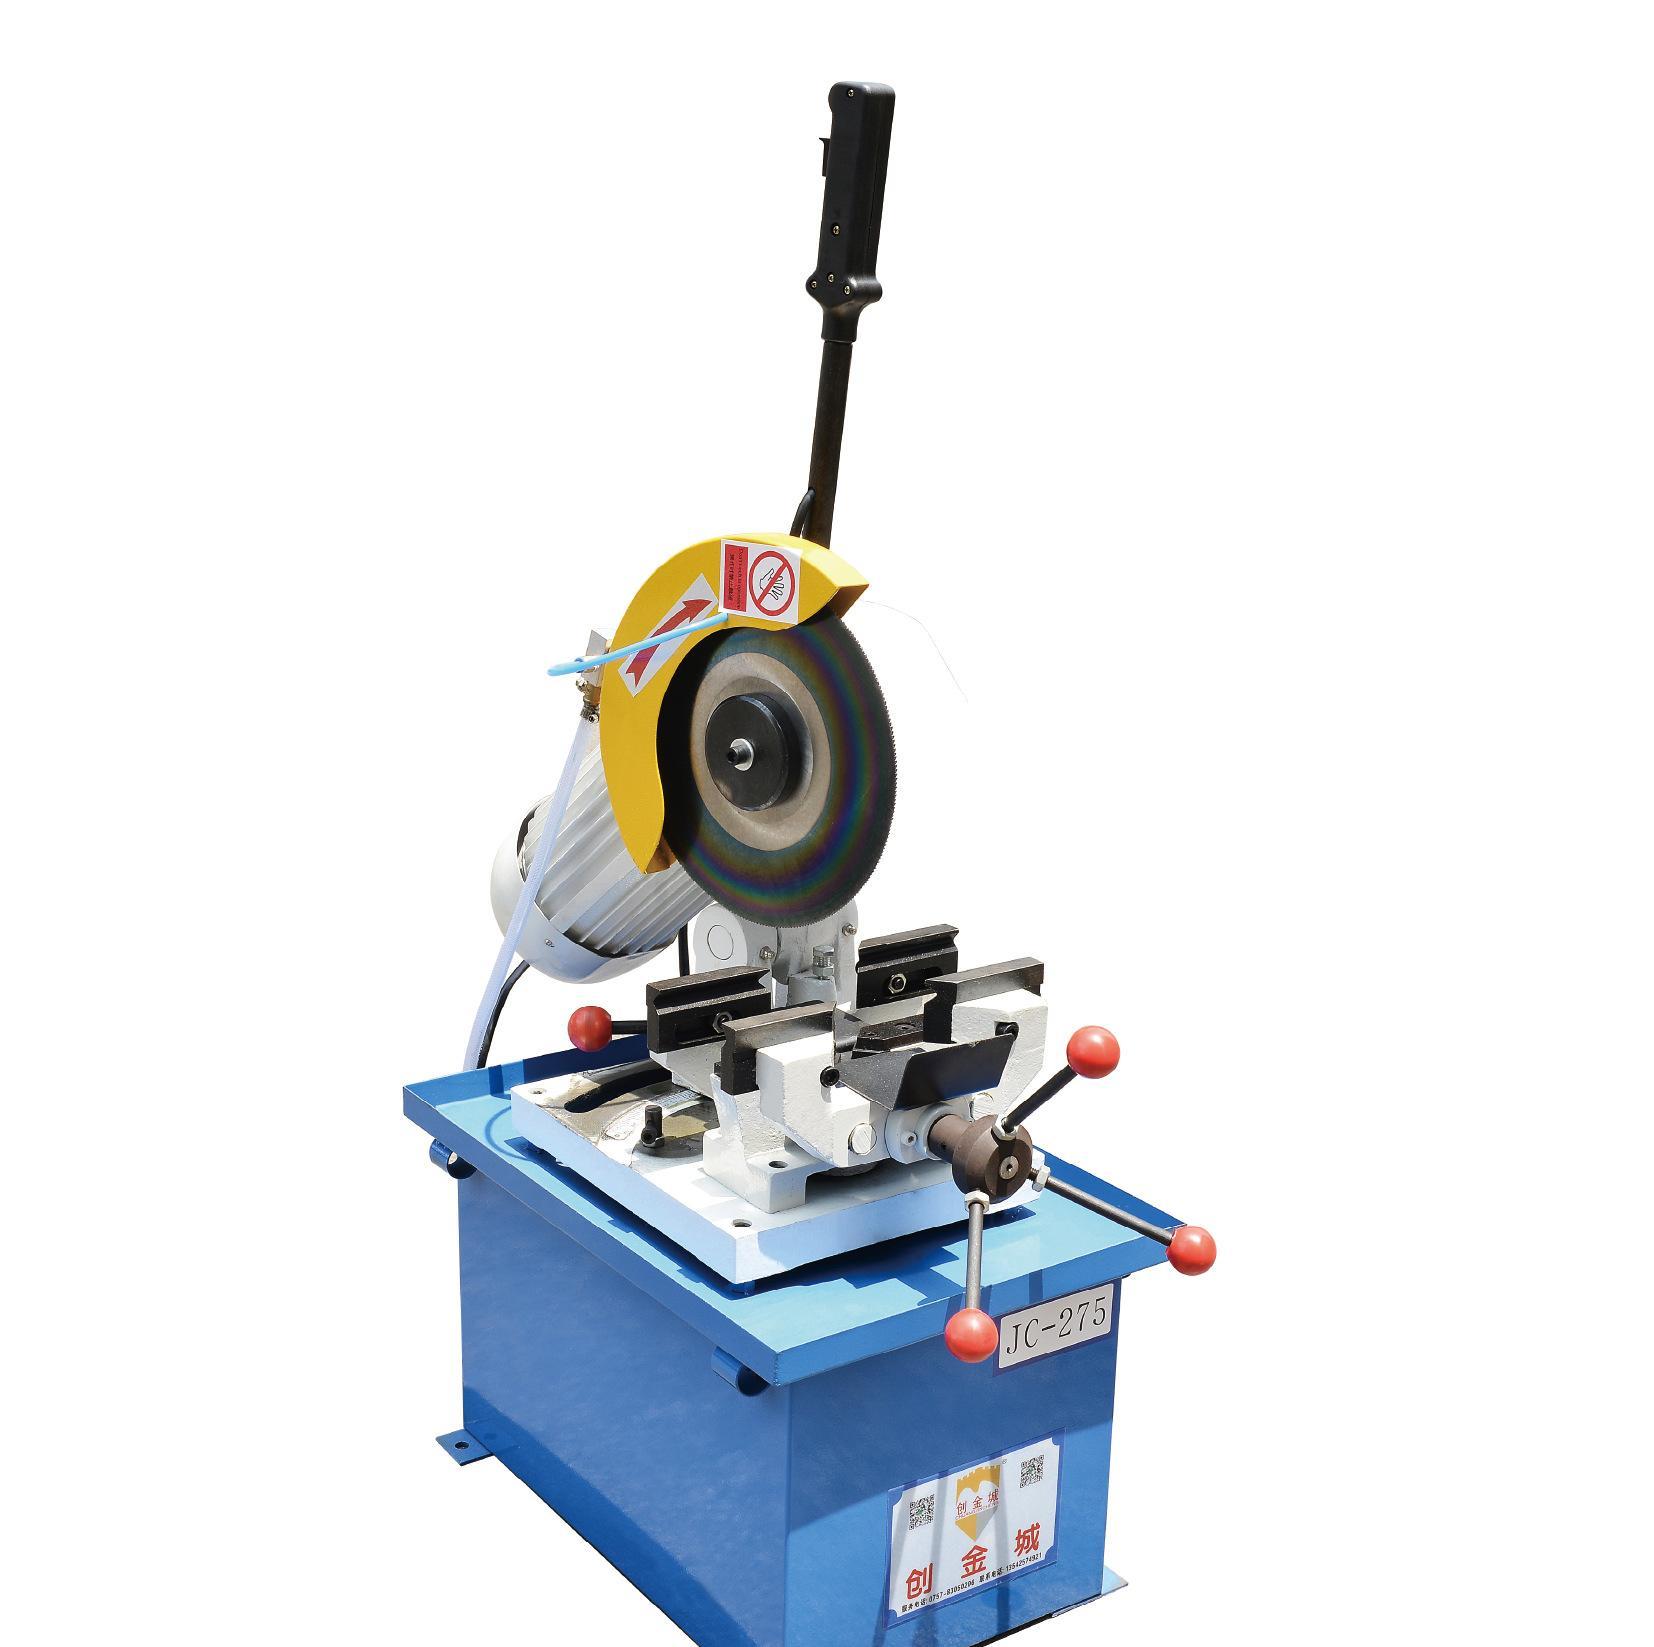 无披风金属圆锯机小型水切割机创金城275手动水切机厂家直销